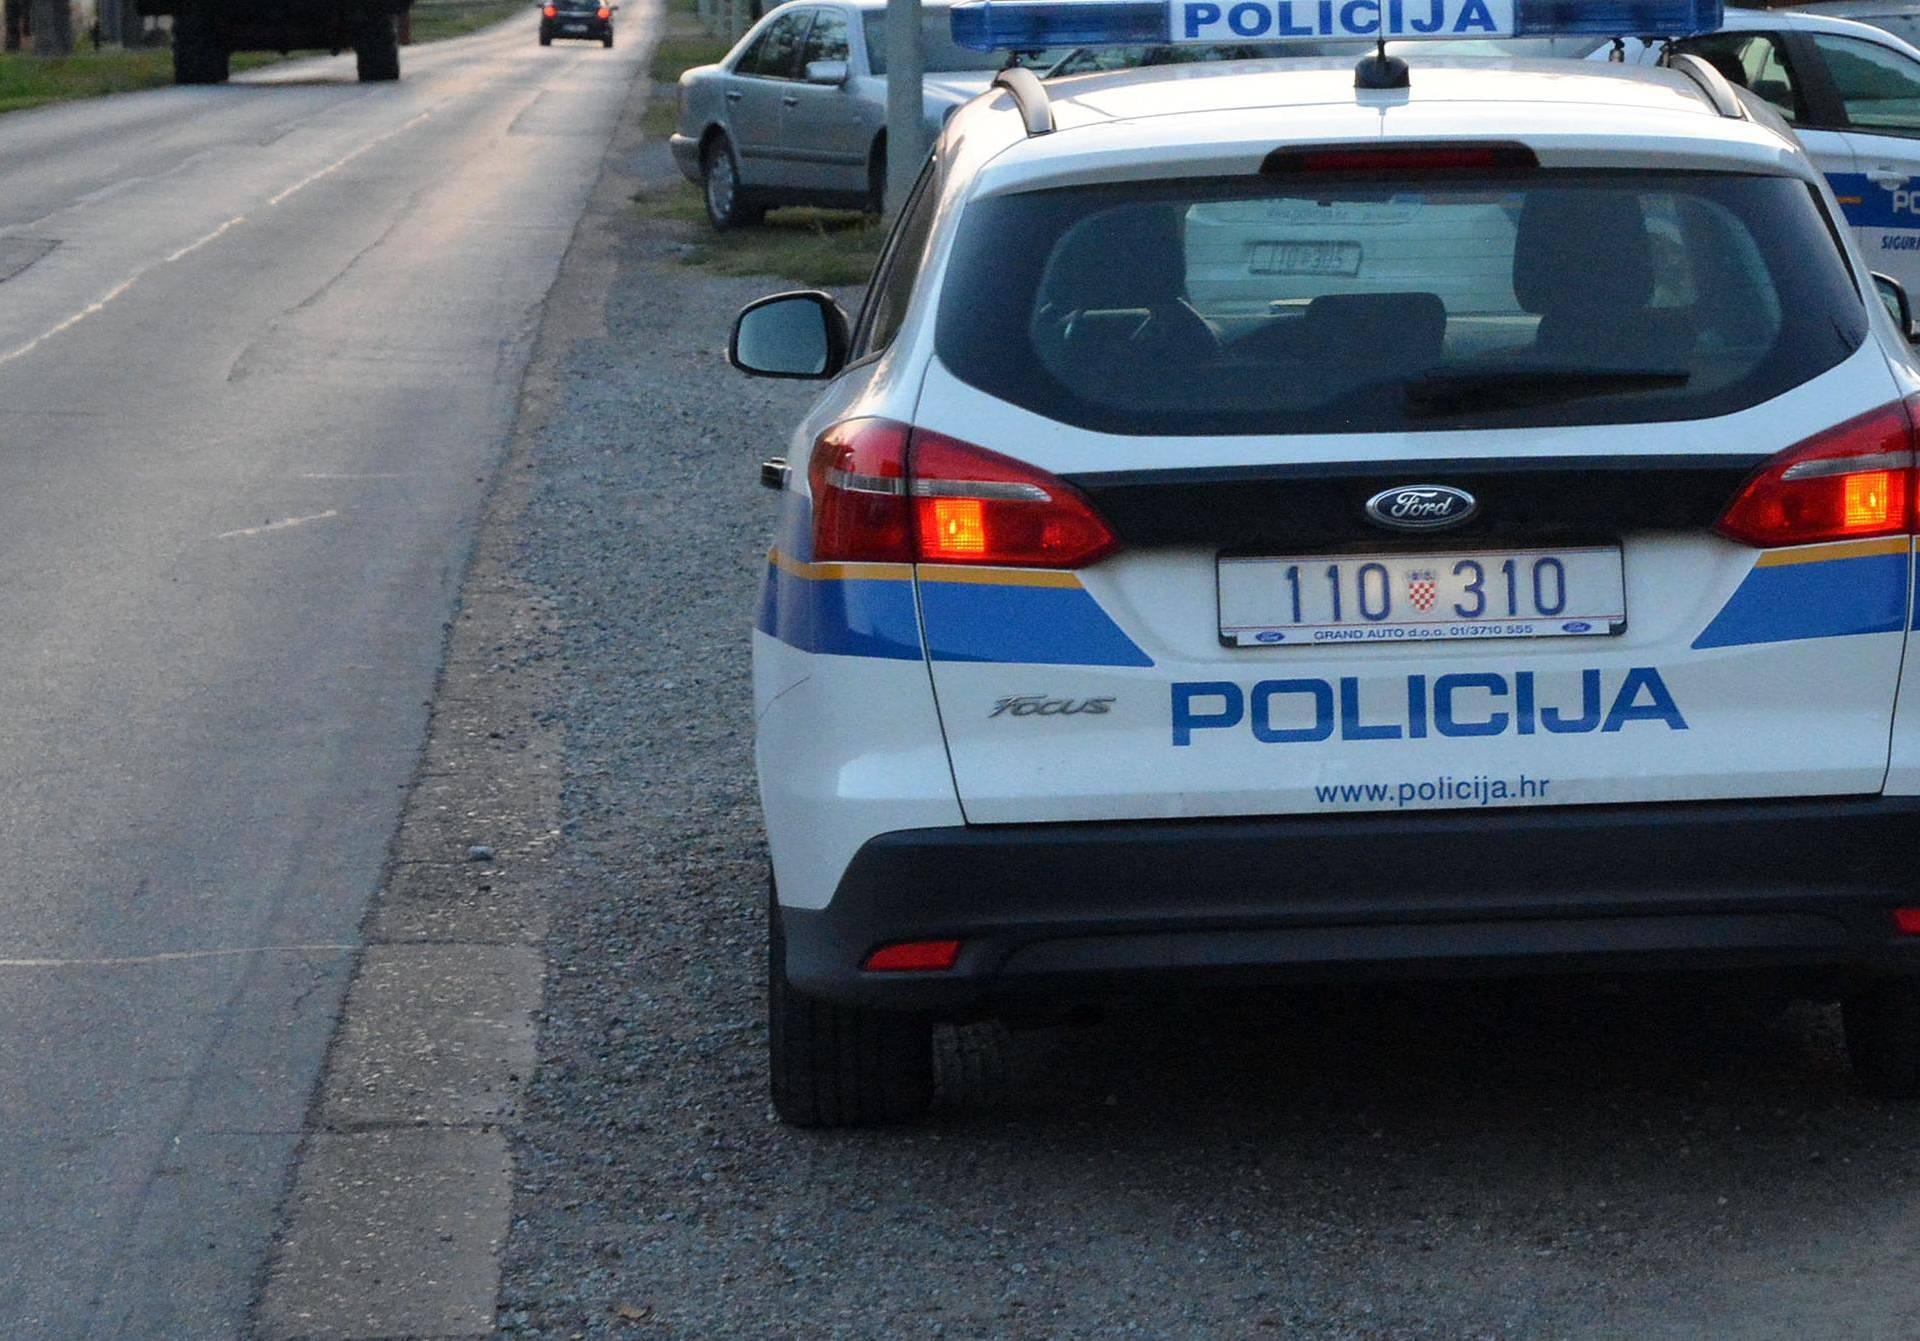 Stari Slatinik: Policijsko vozilo naletjelo na dijete